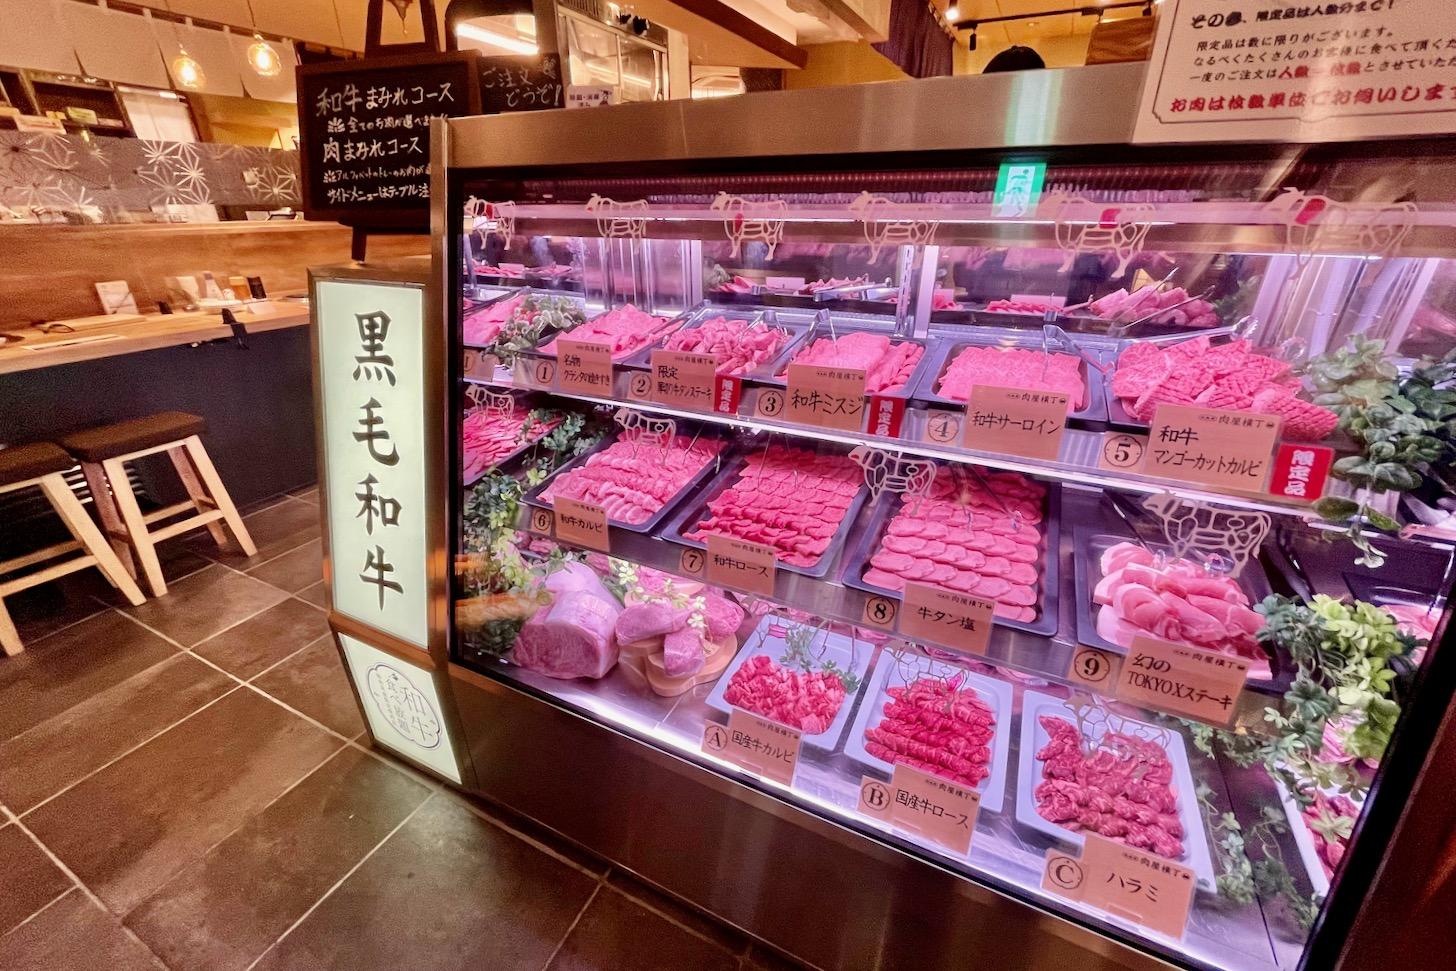 和牛食べ放題 精肉対面販売焼肉店